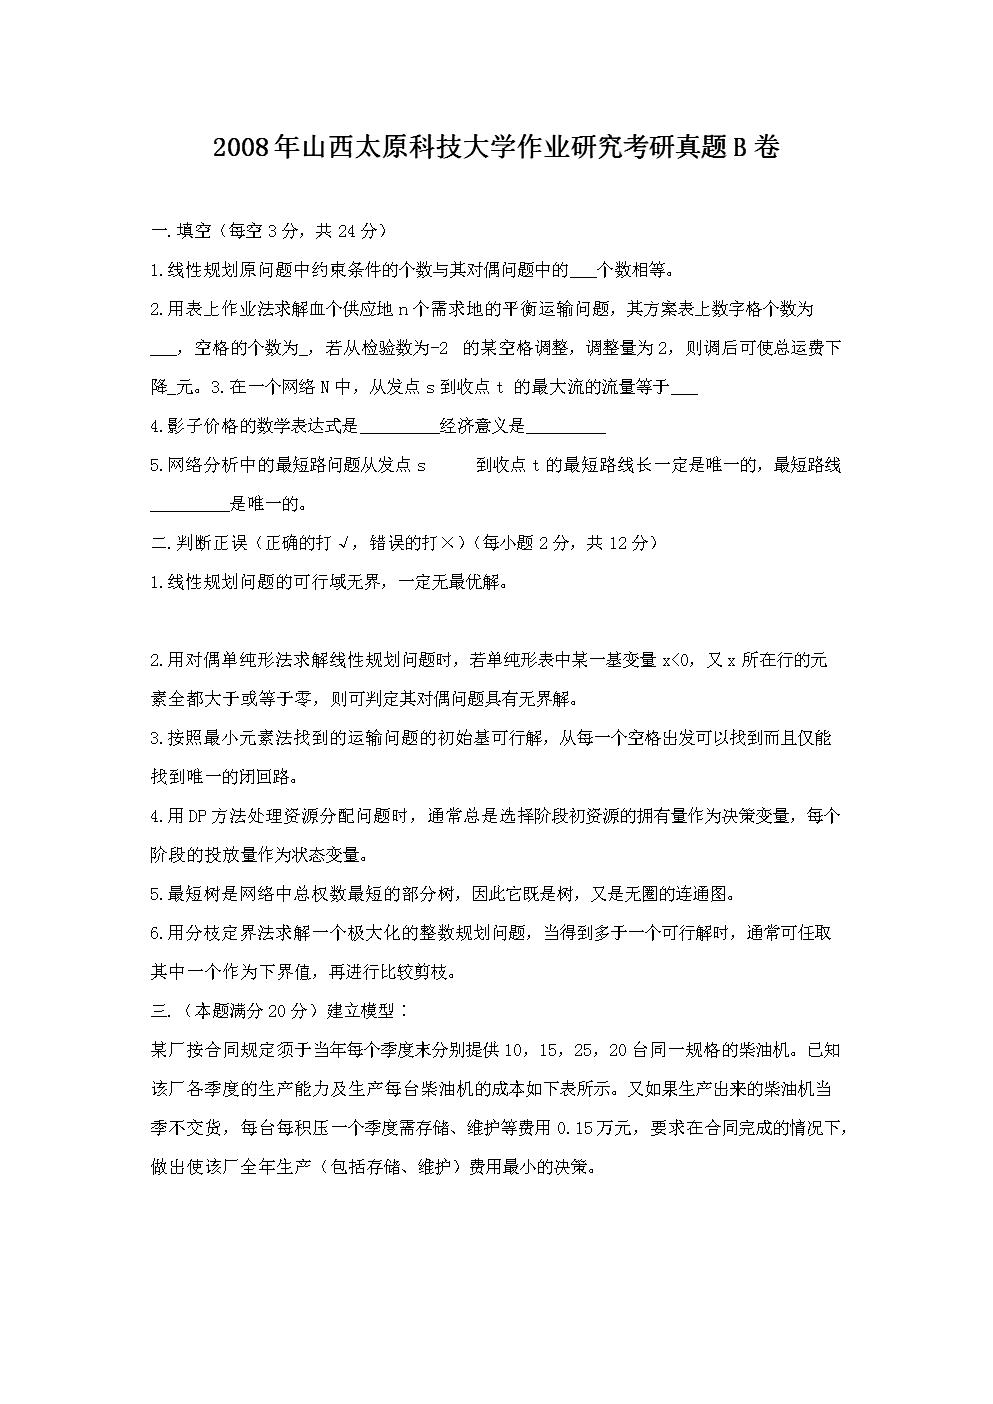 2008年山西太原科技大学作业研究考研真题B卷.doc